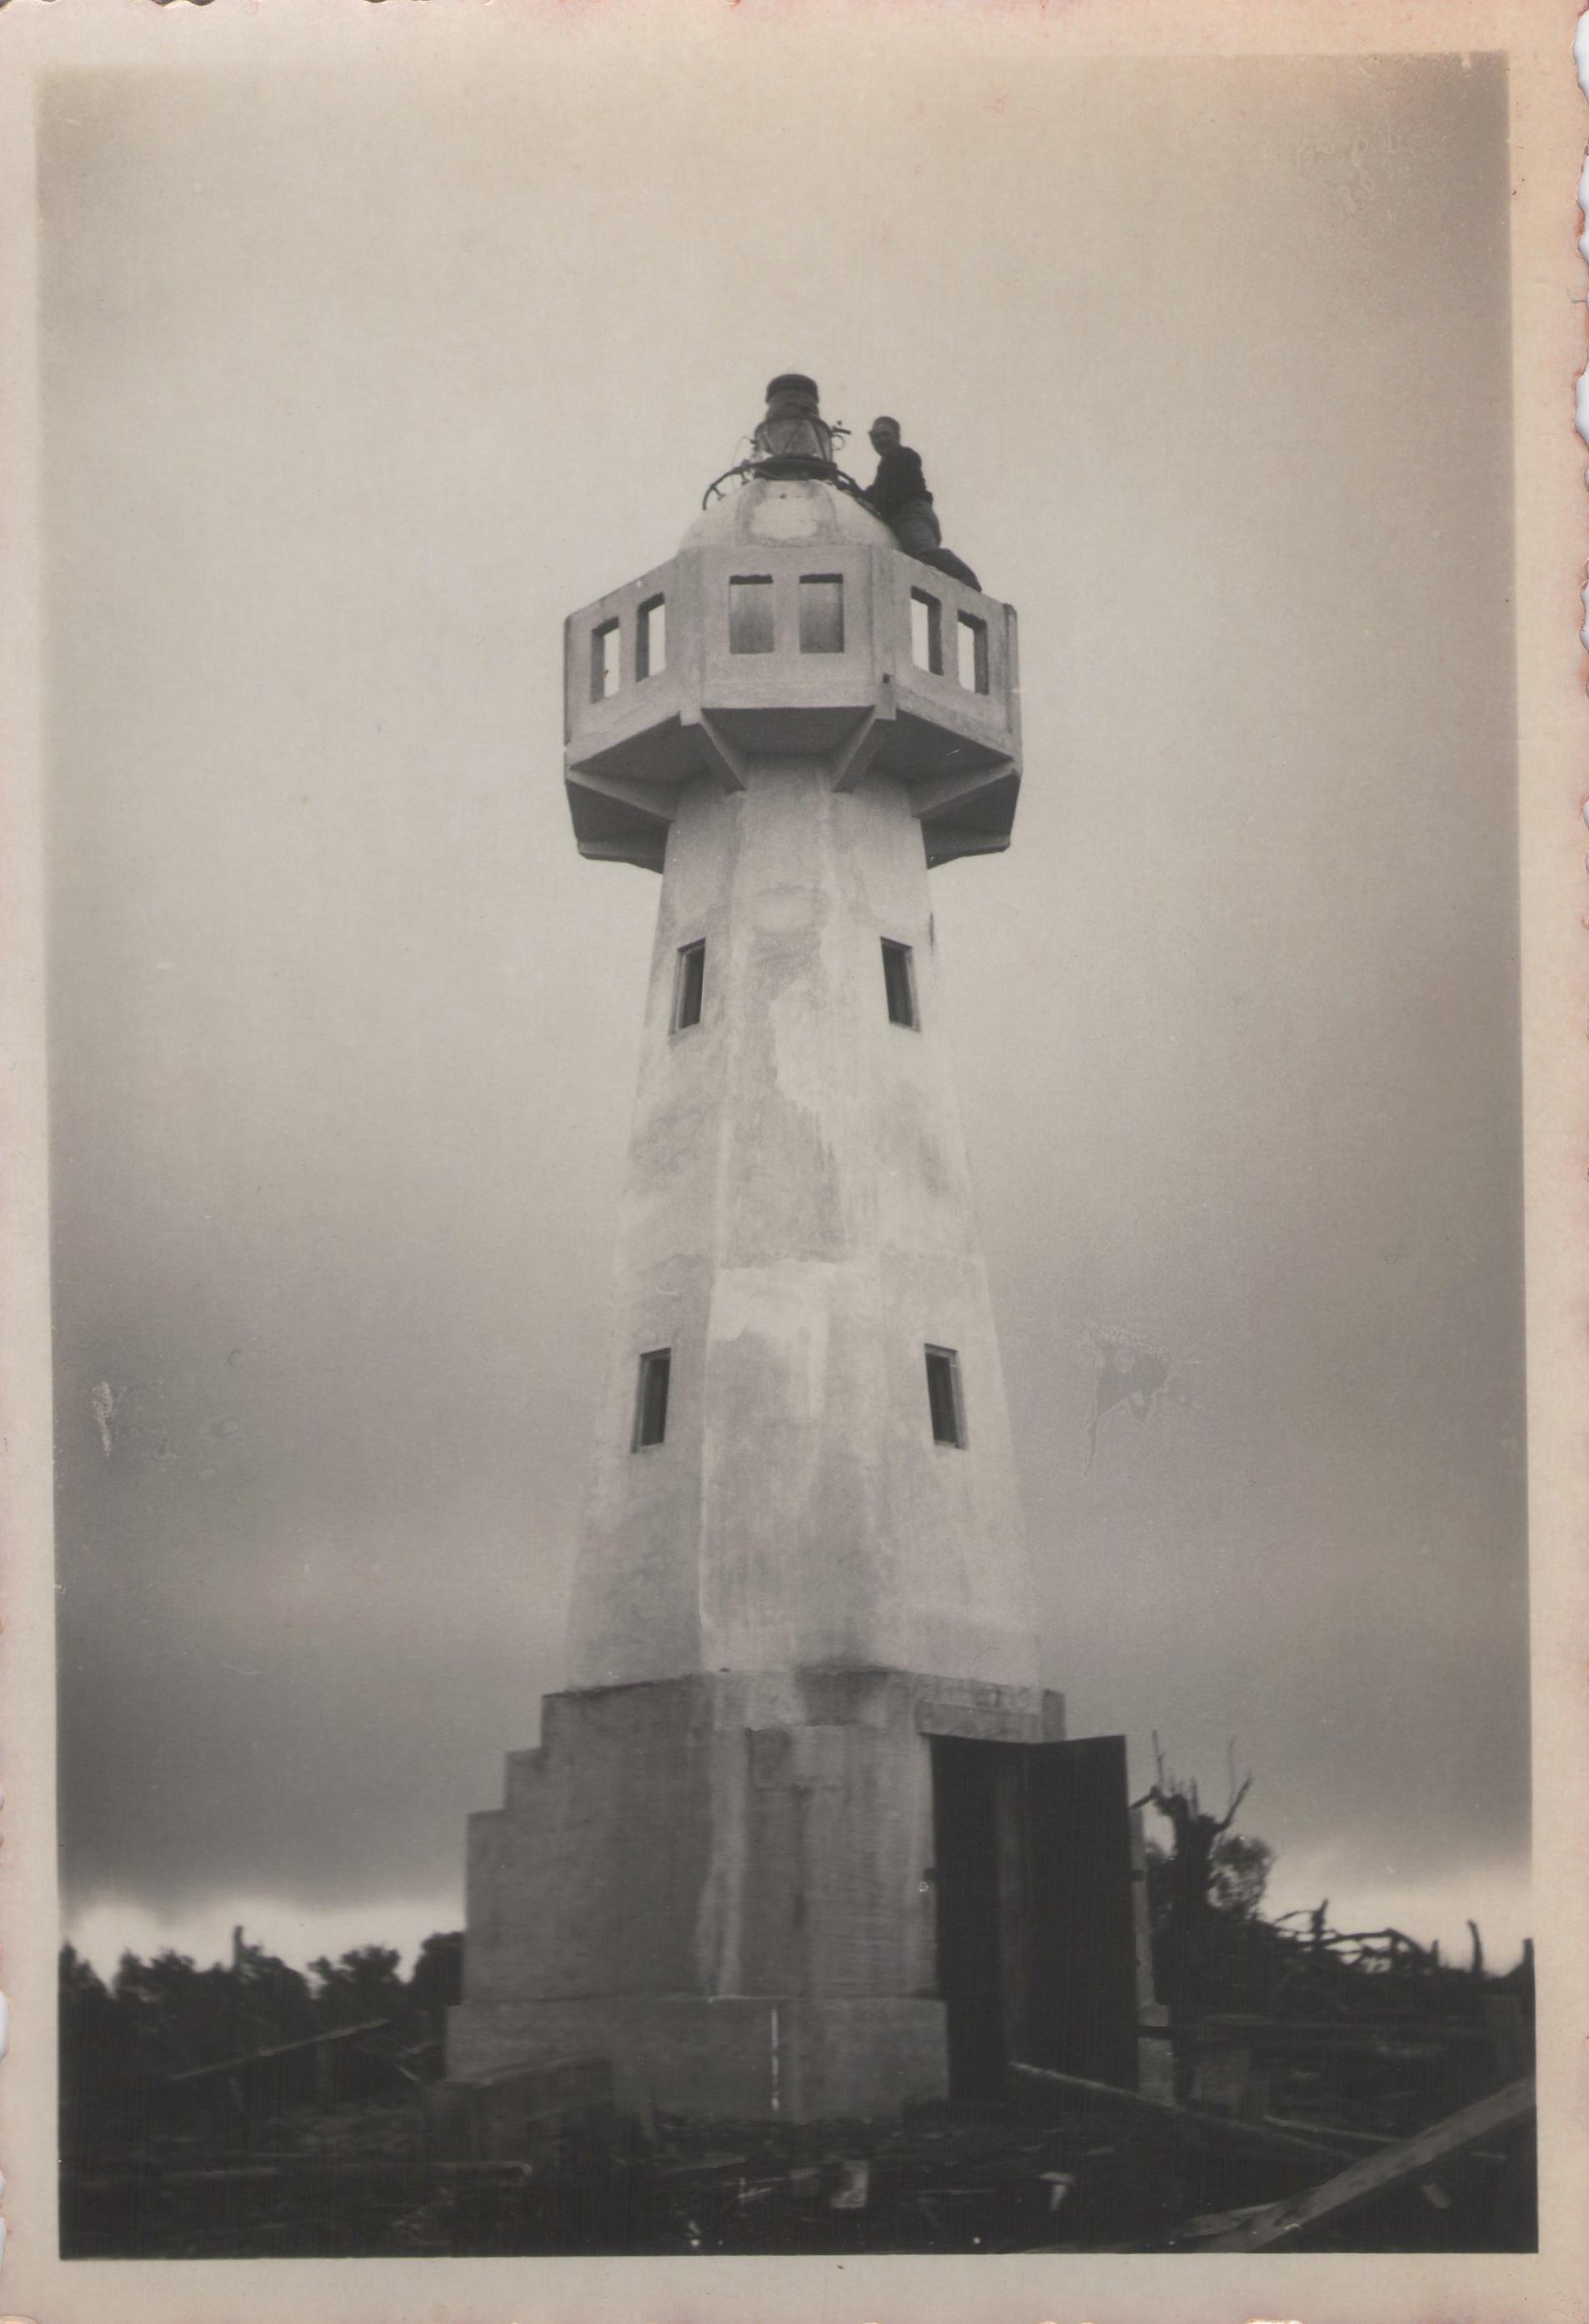 Enterreno - Fotos históricas de chile - fotos antiguas de Chile - Faro San Isidro en 1942